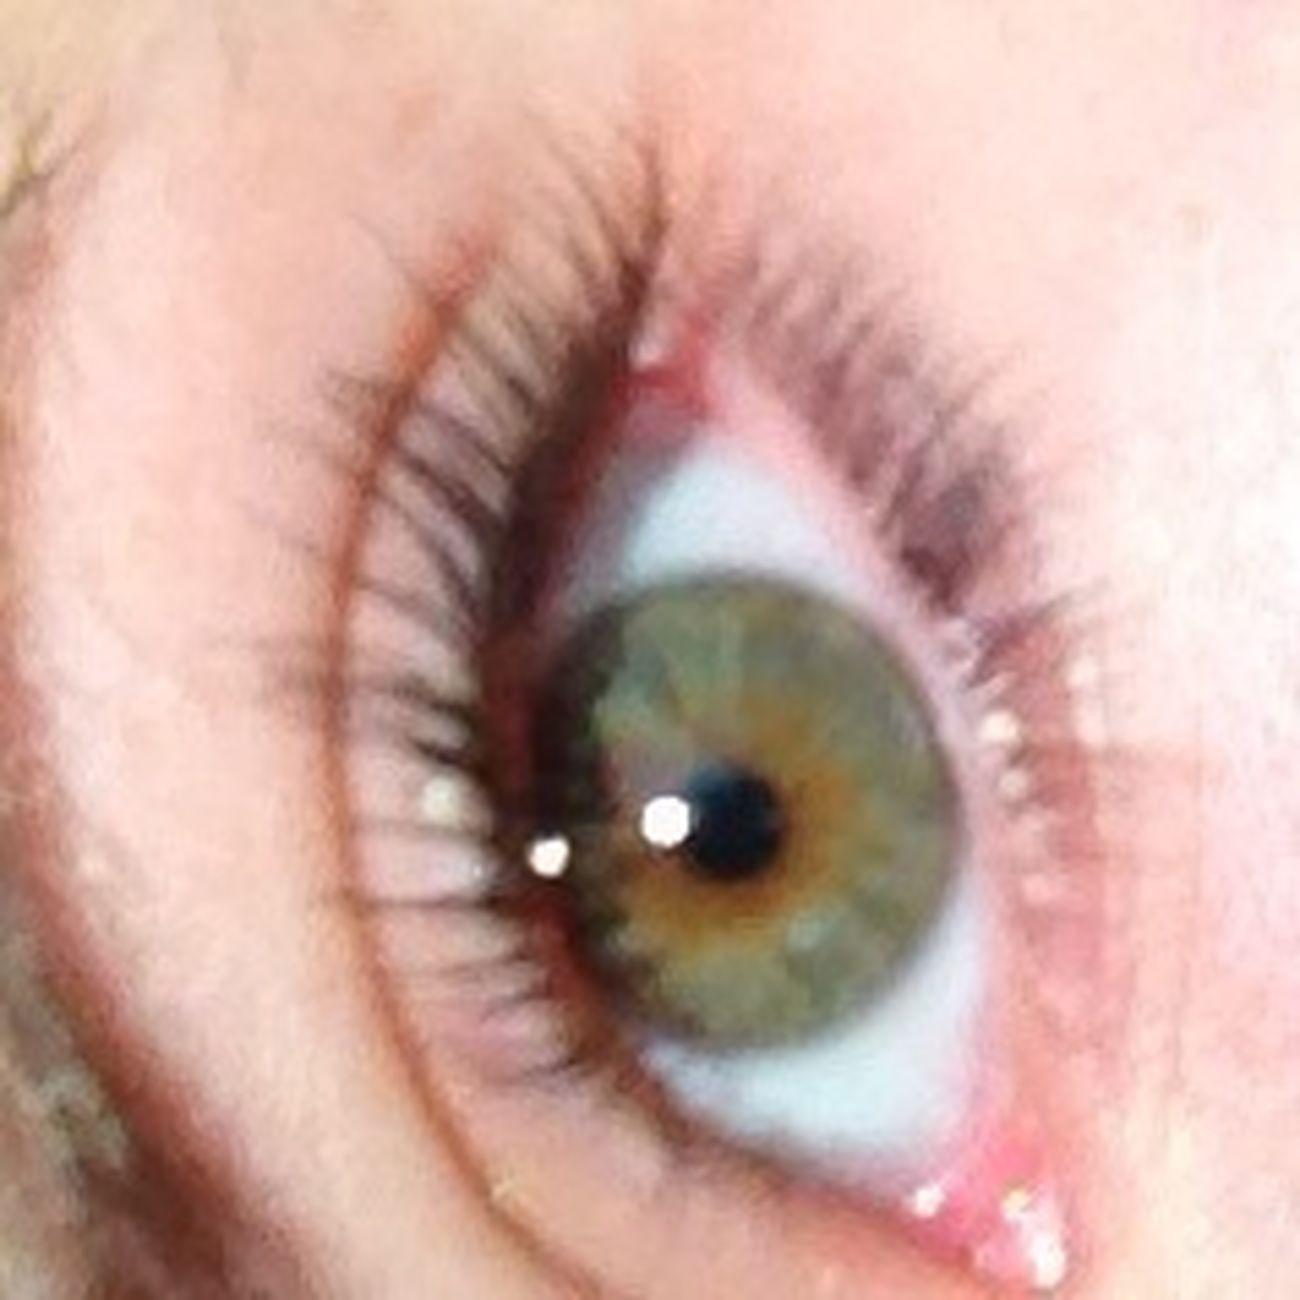 Eyeee